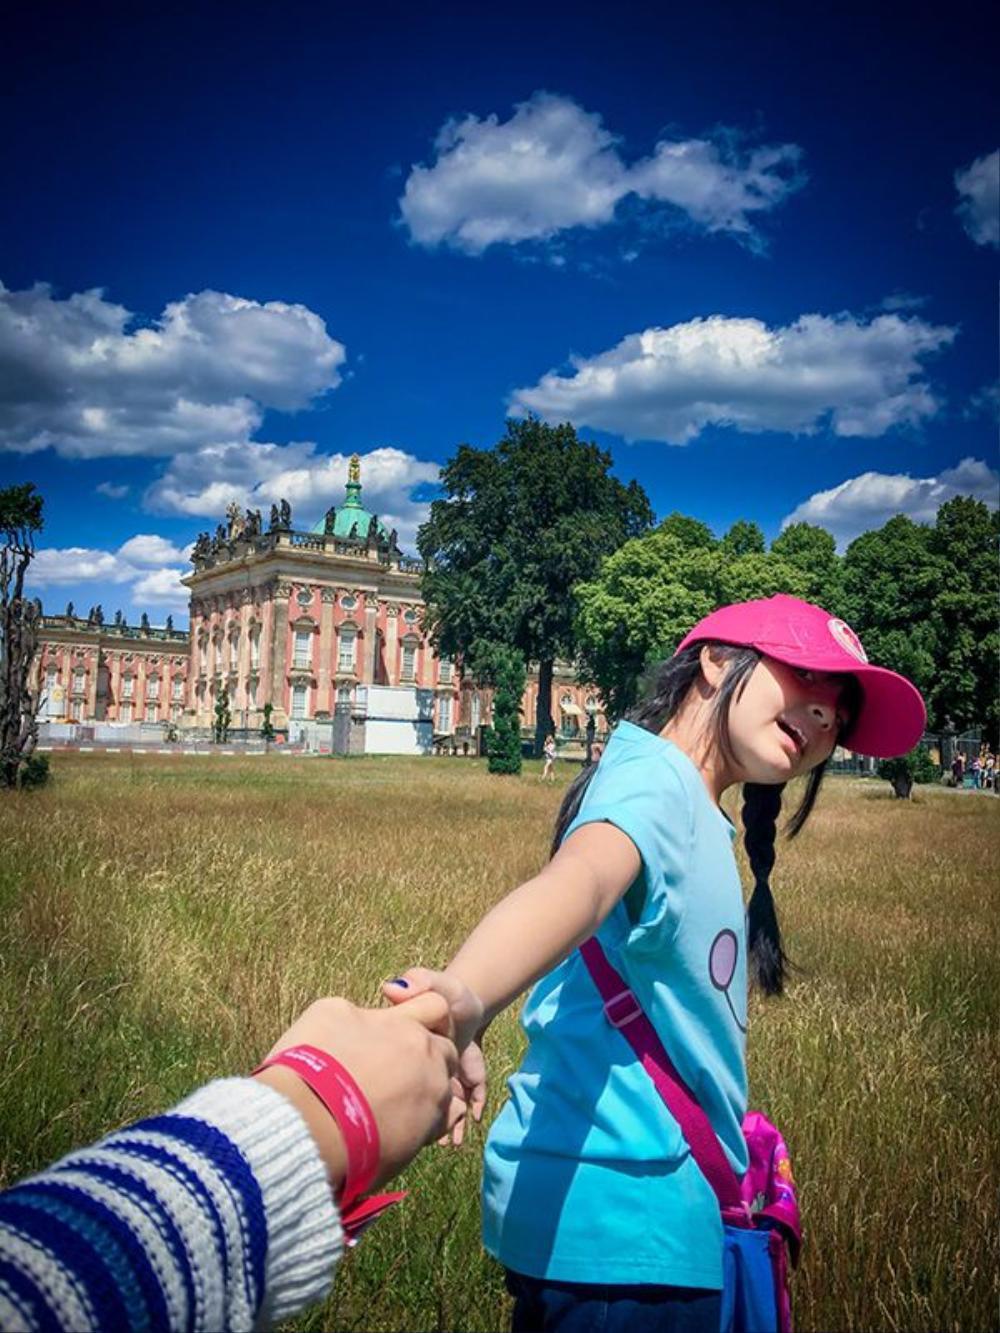 """Dù đi bất cứ nơi nâu, người mẫu Thúy Hằng và con gái cùng chụp ảnh theo chủ đề """"Cầm tay con du lịch khắp thế gian""""."""